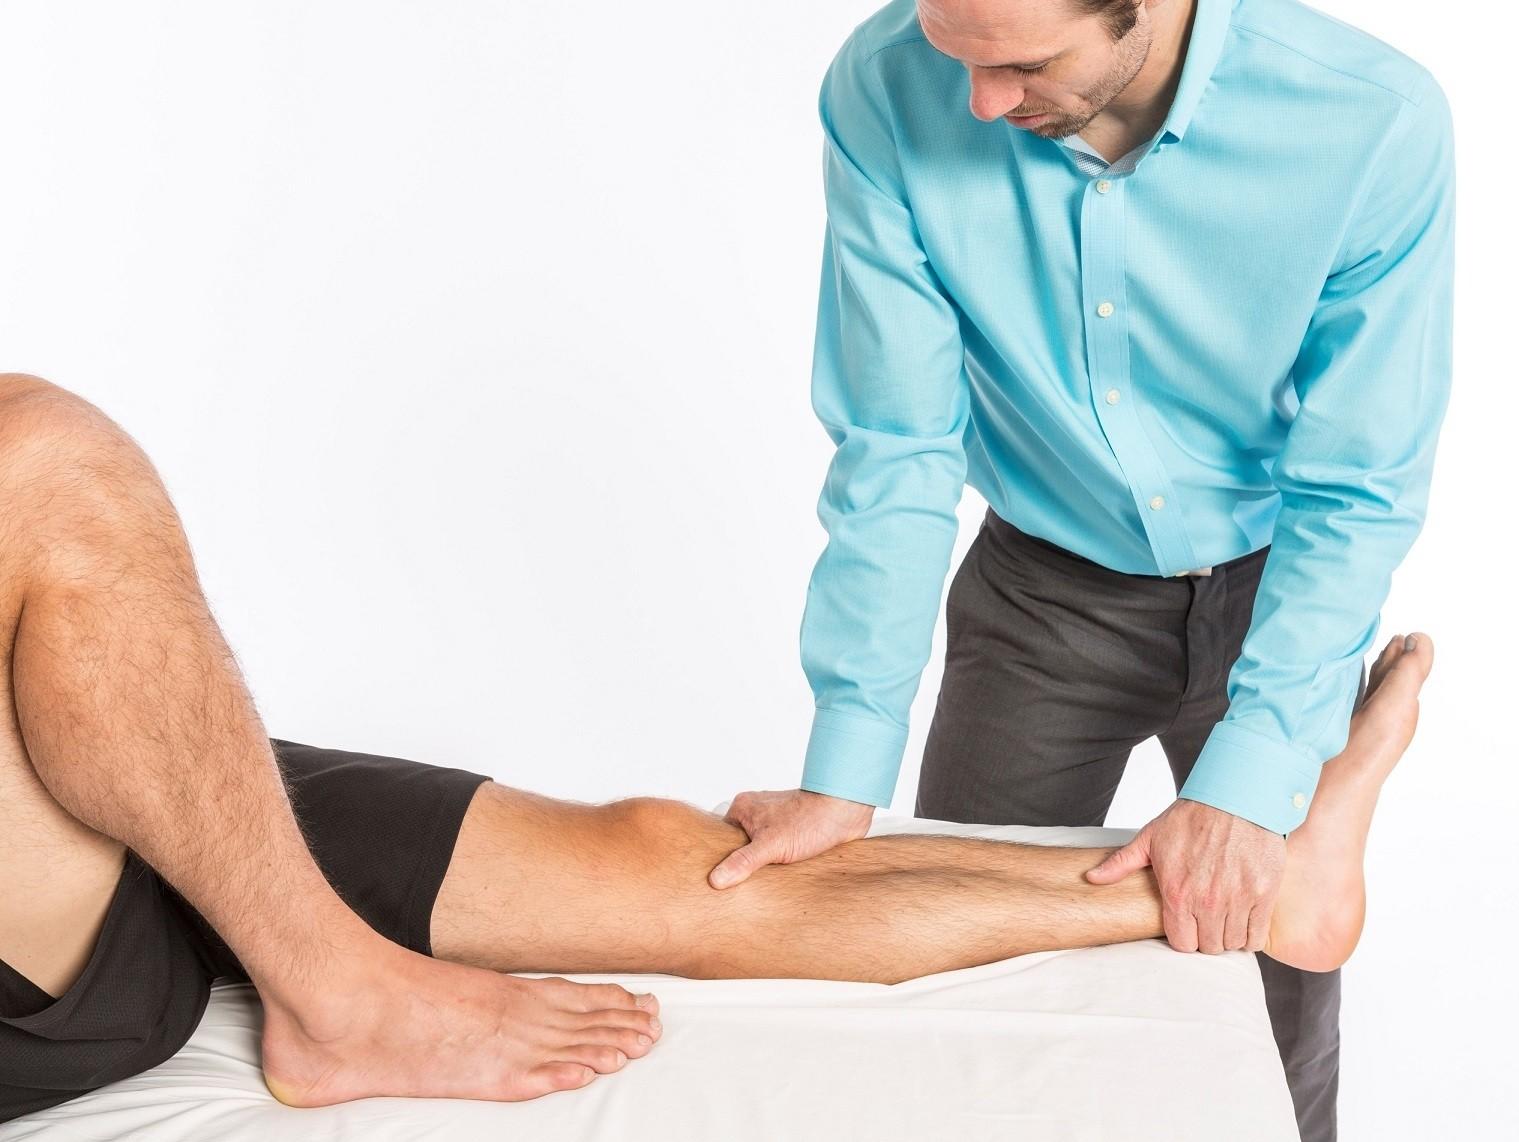 VKJD: Virtual Knee Junction Dilemma